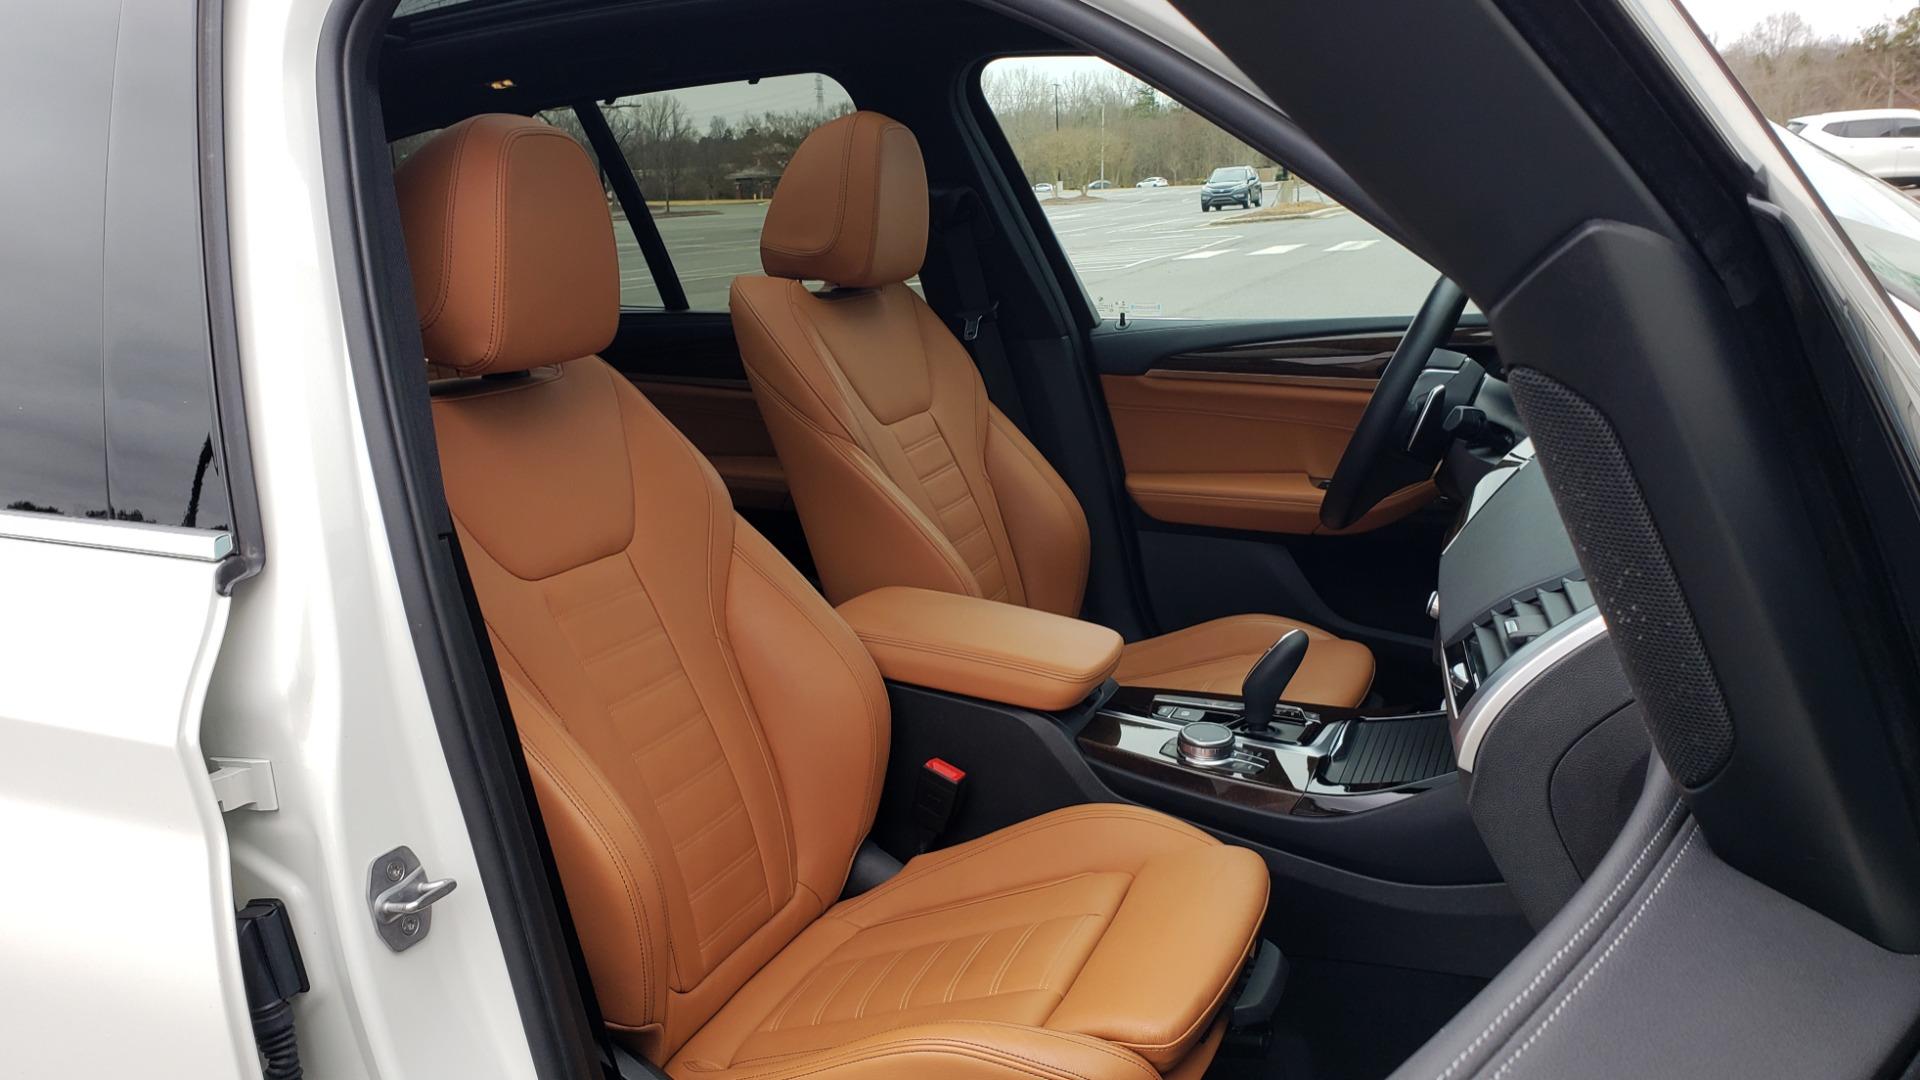 Used 2018 BMW X3 XDRIVE30I / LUX PKG / PREM PKG / CONV PKG / PDC / APPLE CARPLAY for sale Sold at Formula Imports in Charlotte NC 28227 73